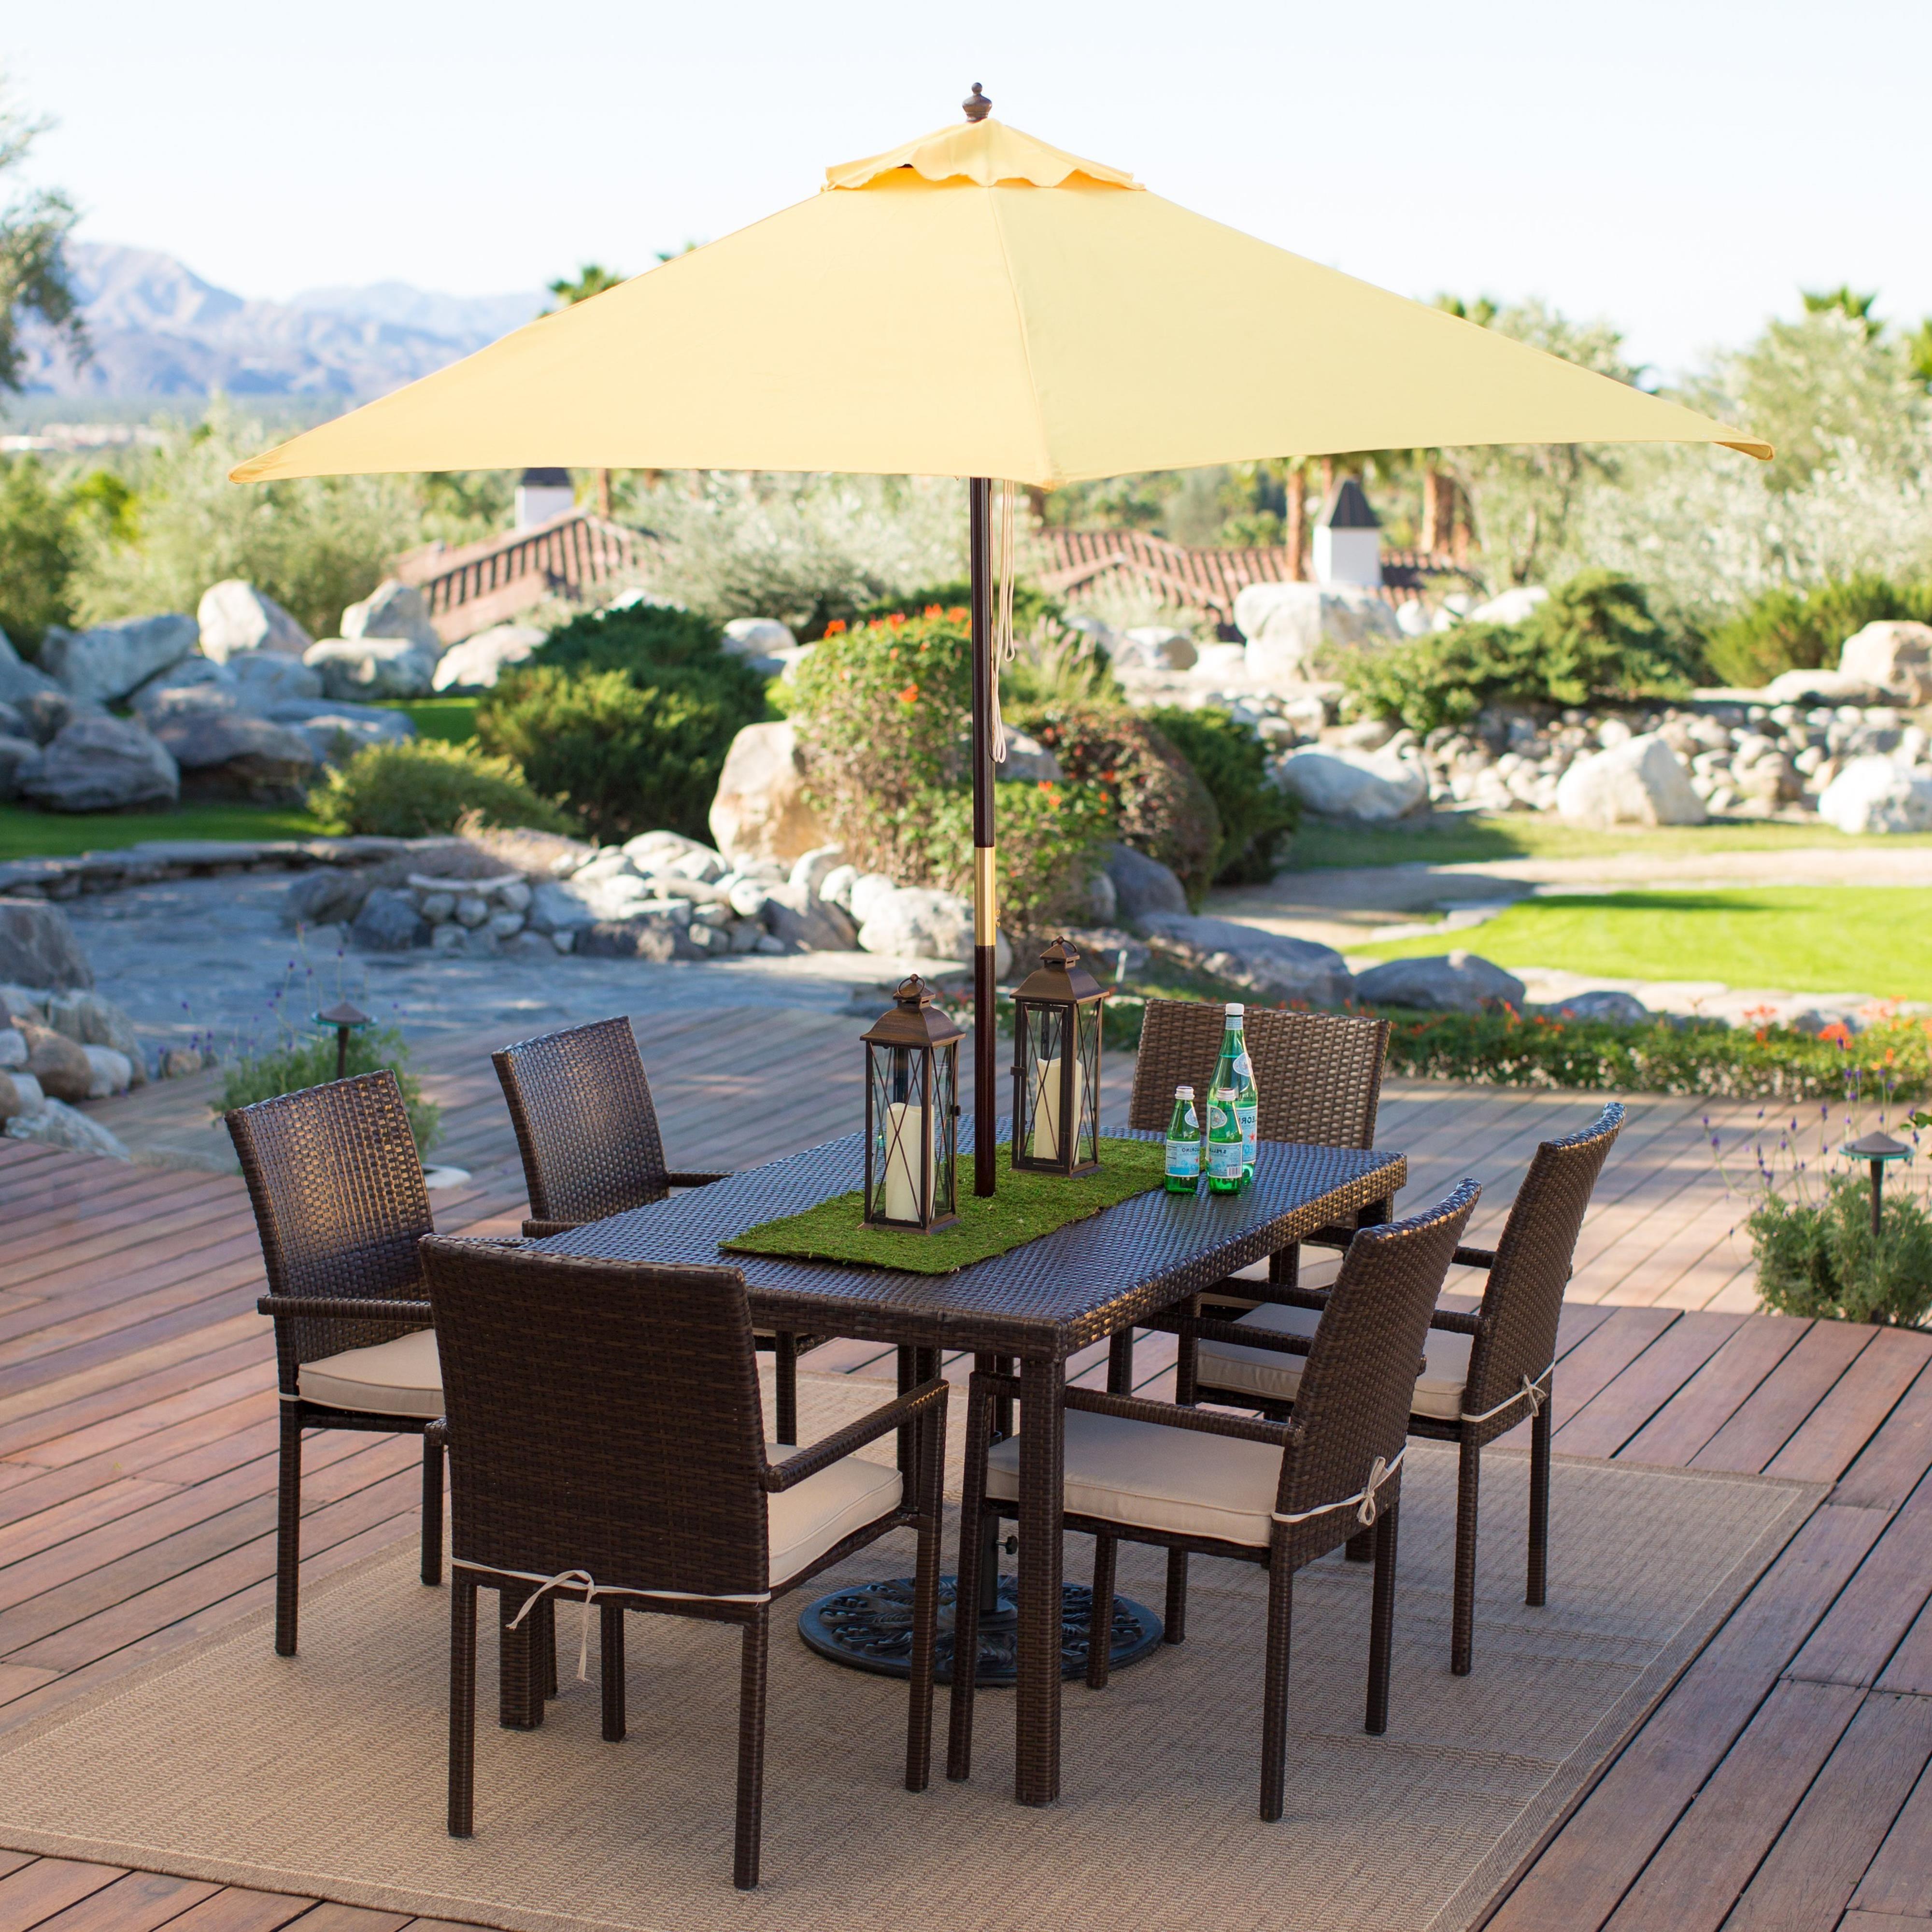 Best 43 Attractive Outdoor Decor With Umbrellas